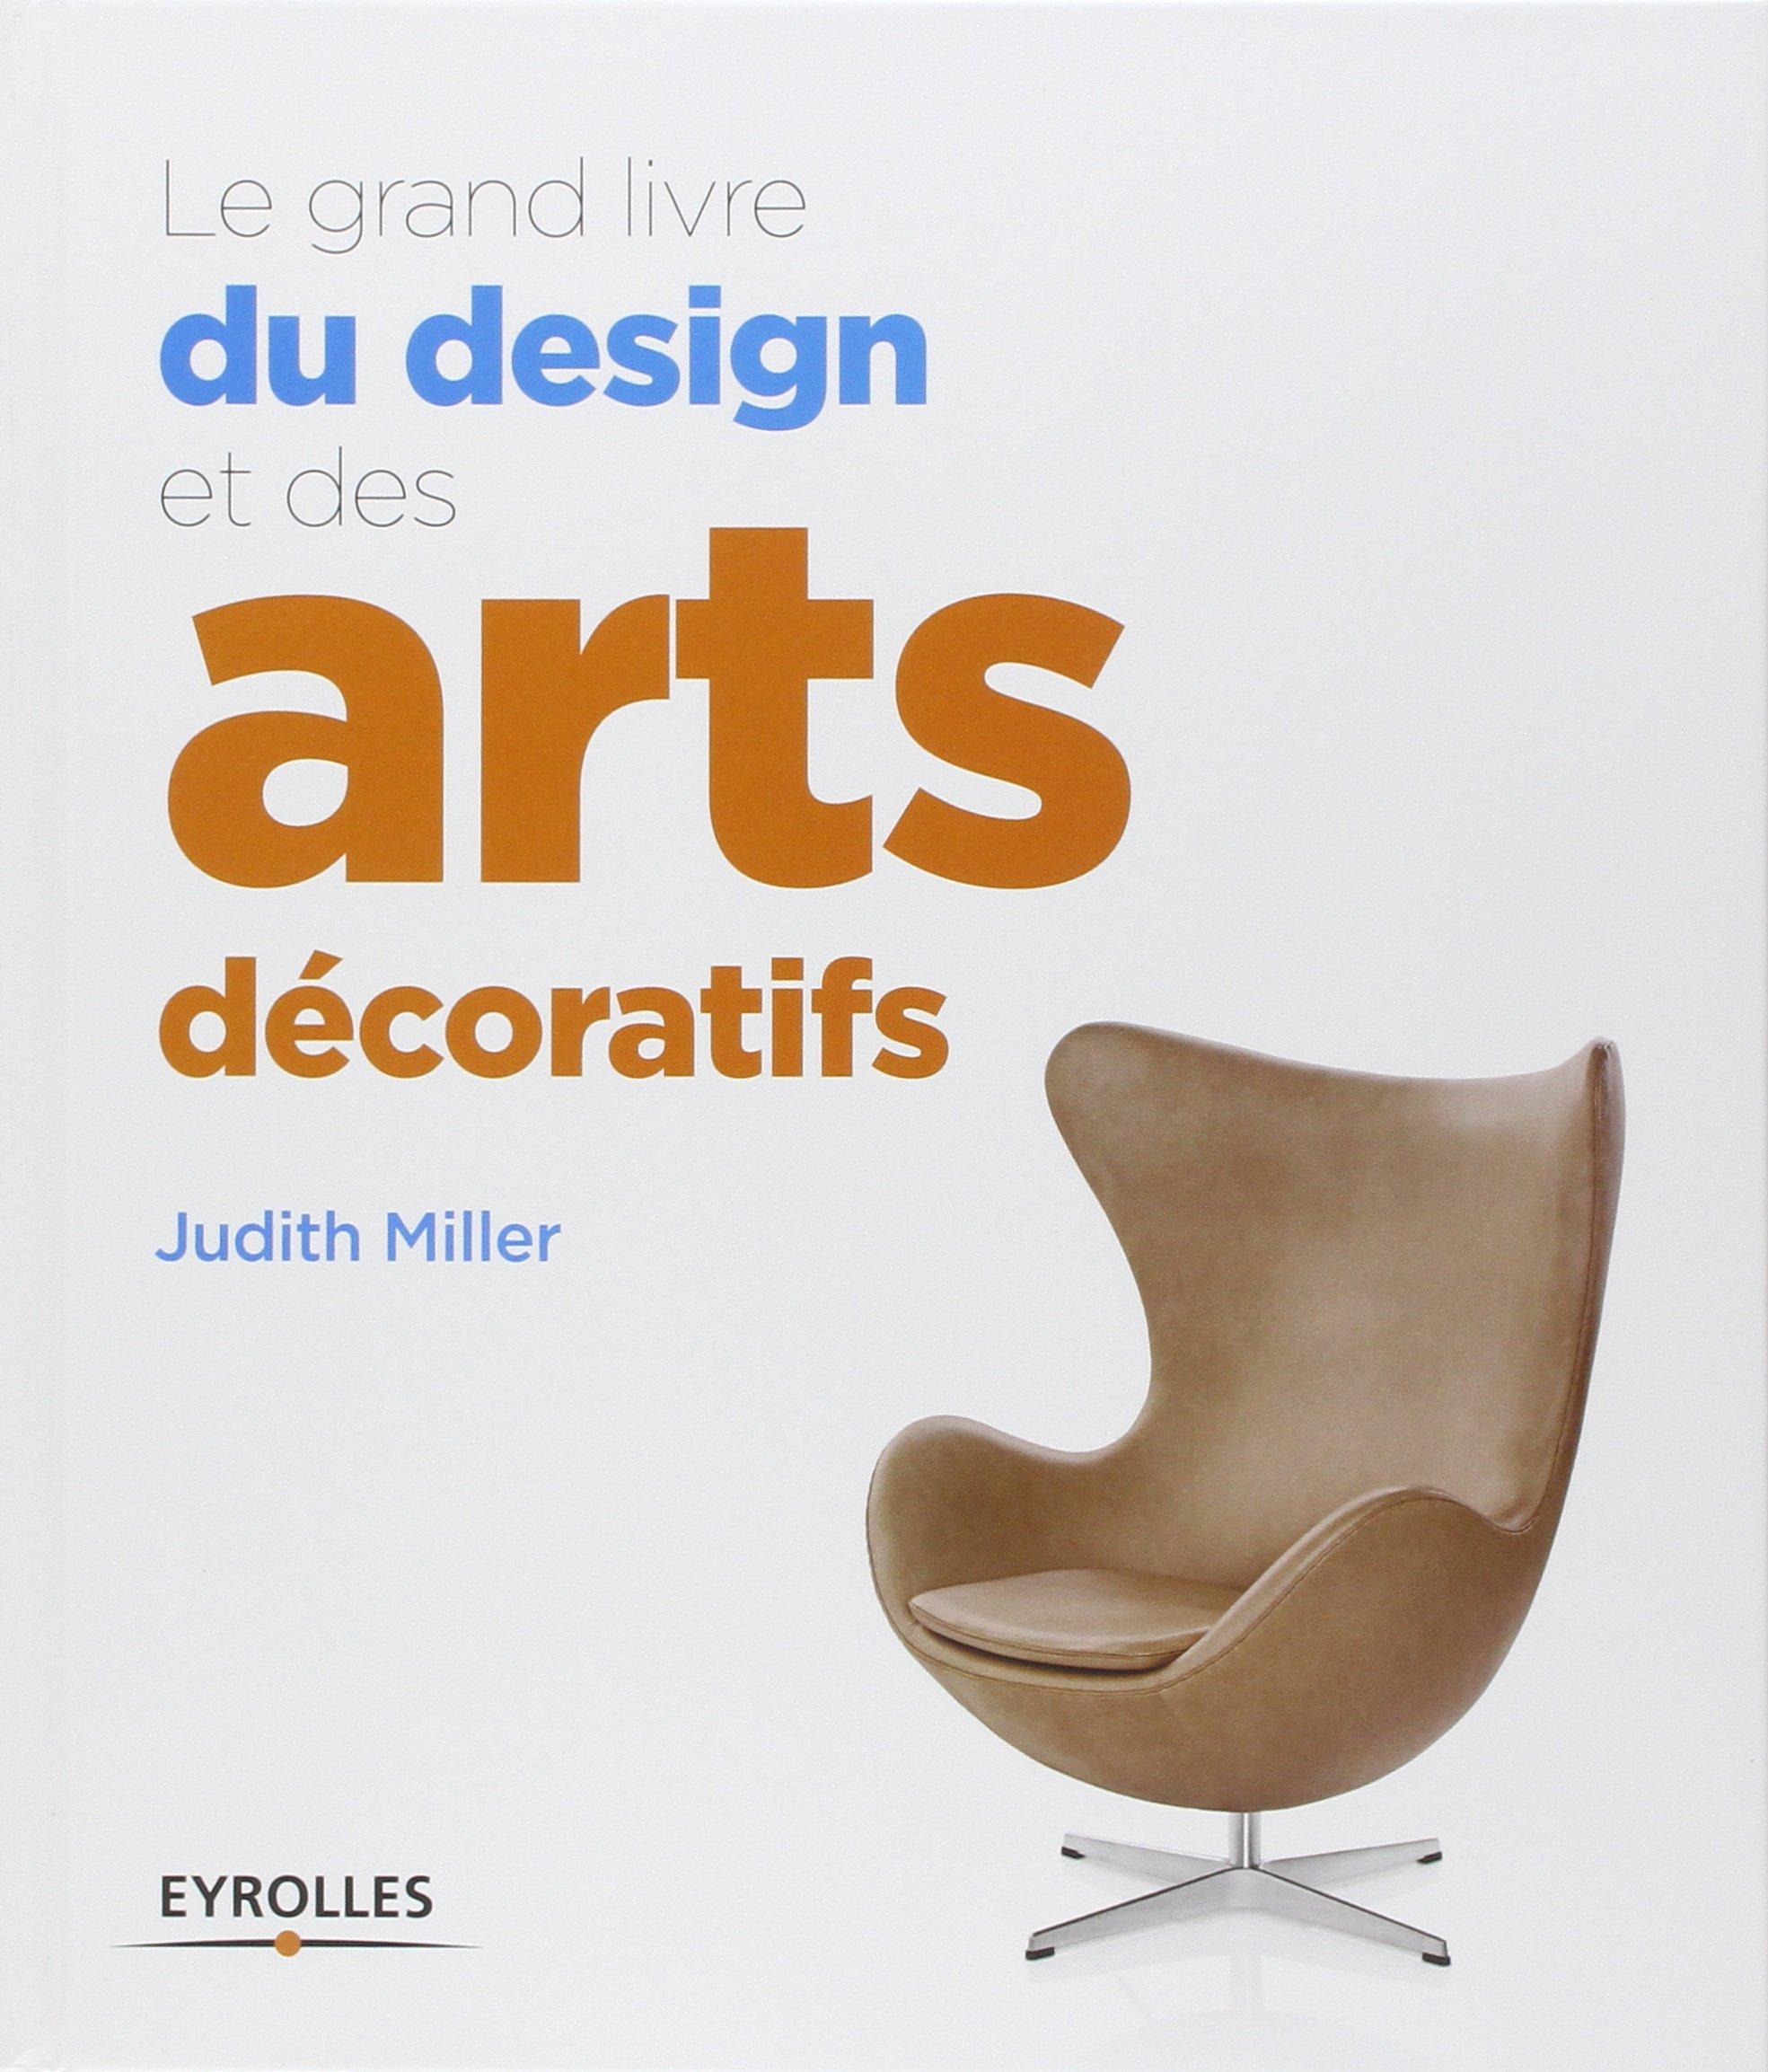 """Résultat de recherche d'images pour """"Le grand livre du design et des arts décoratifs de Judith Miller"""""""